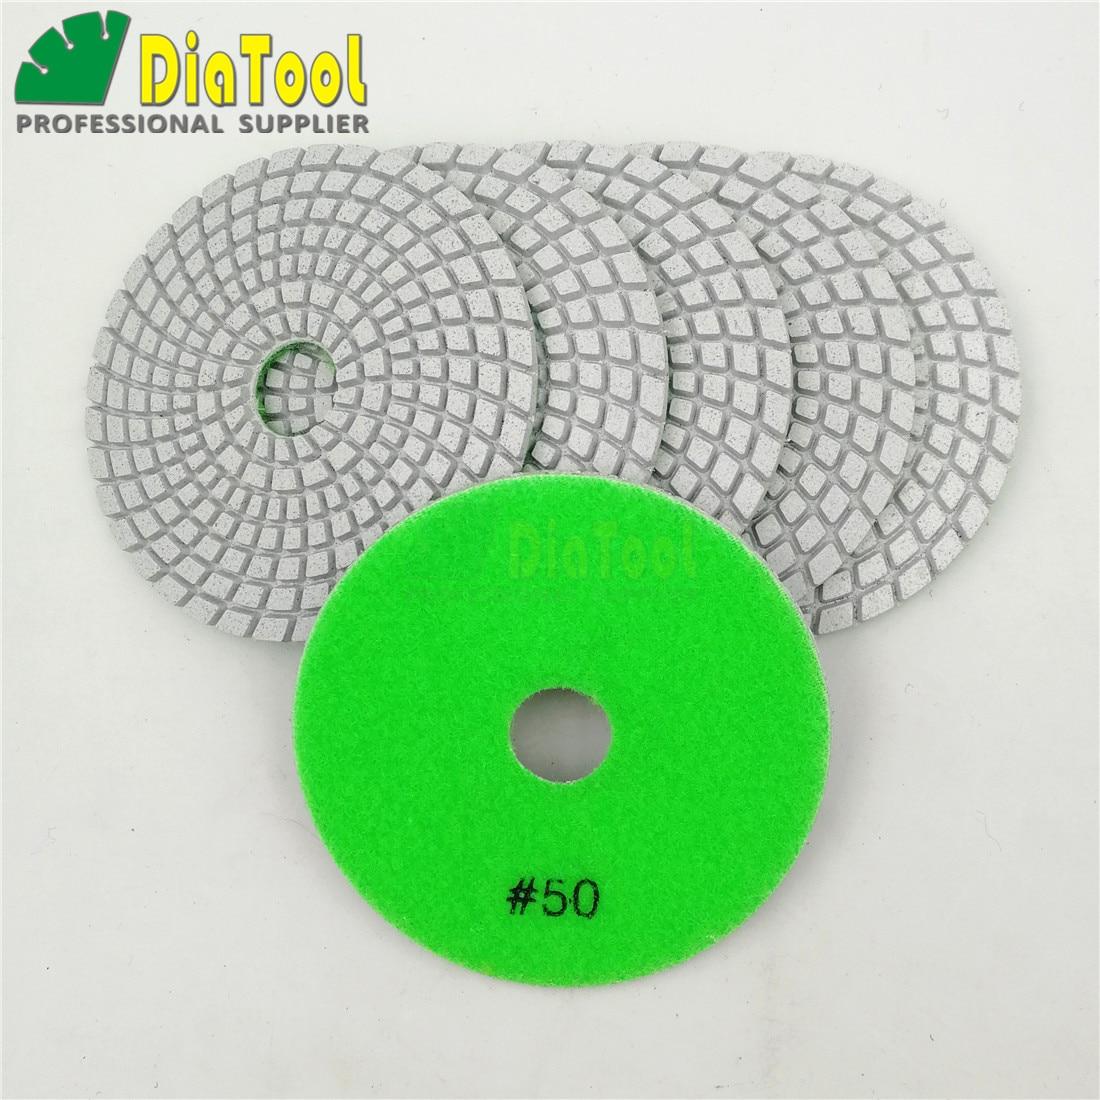 DIATOOL 6pcs 4